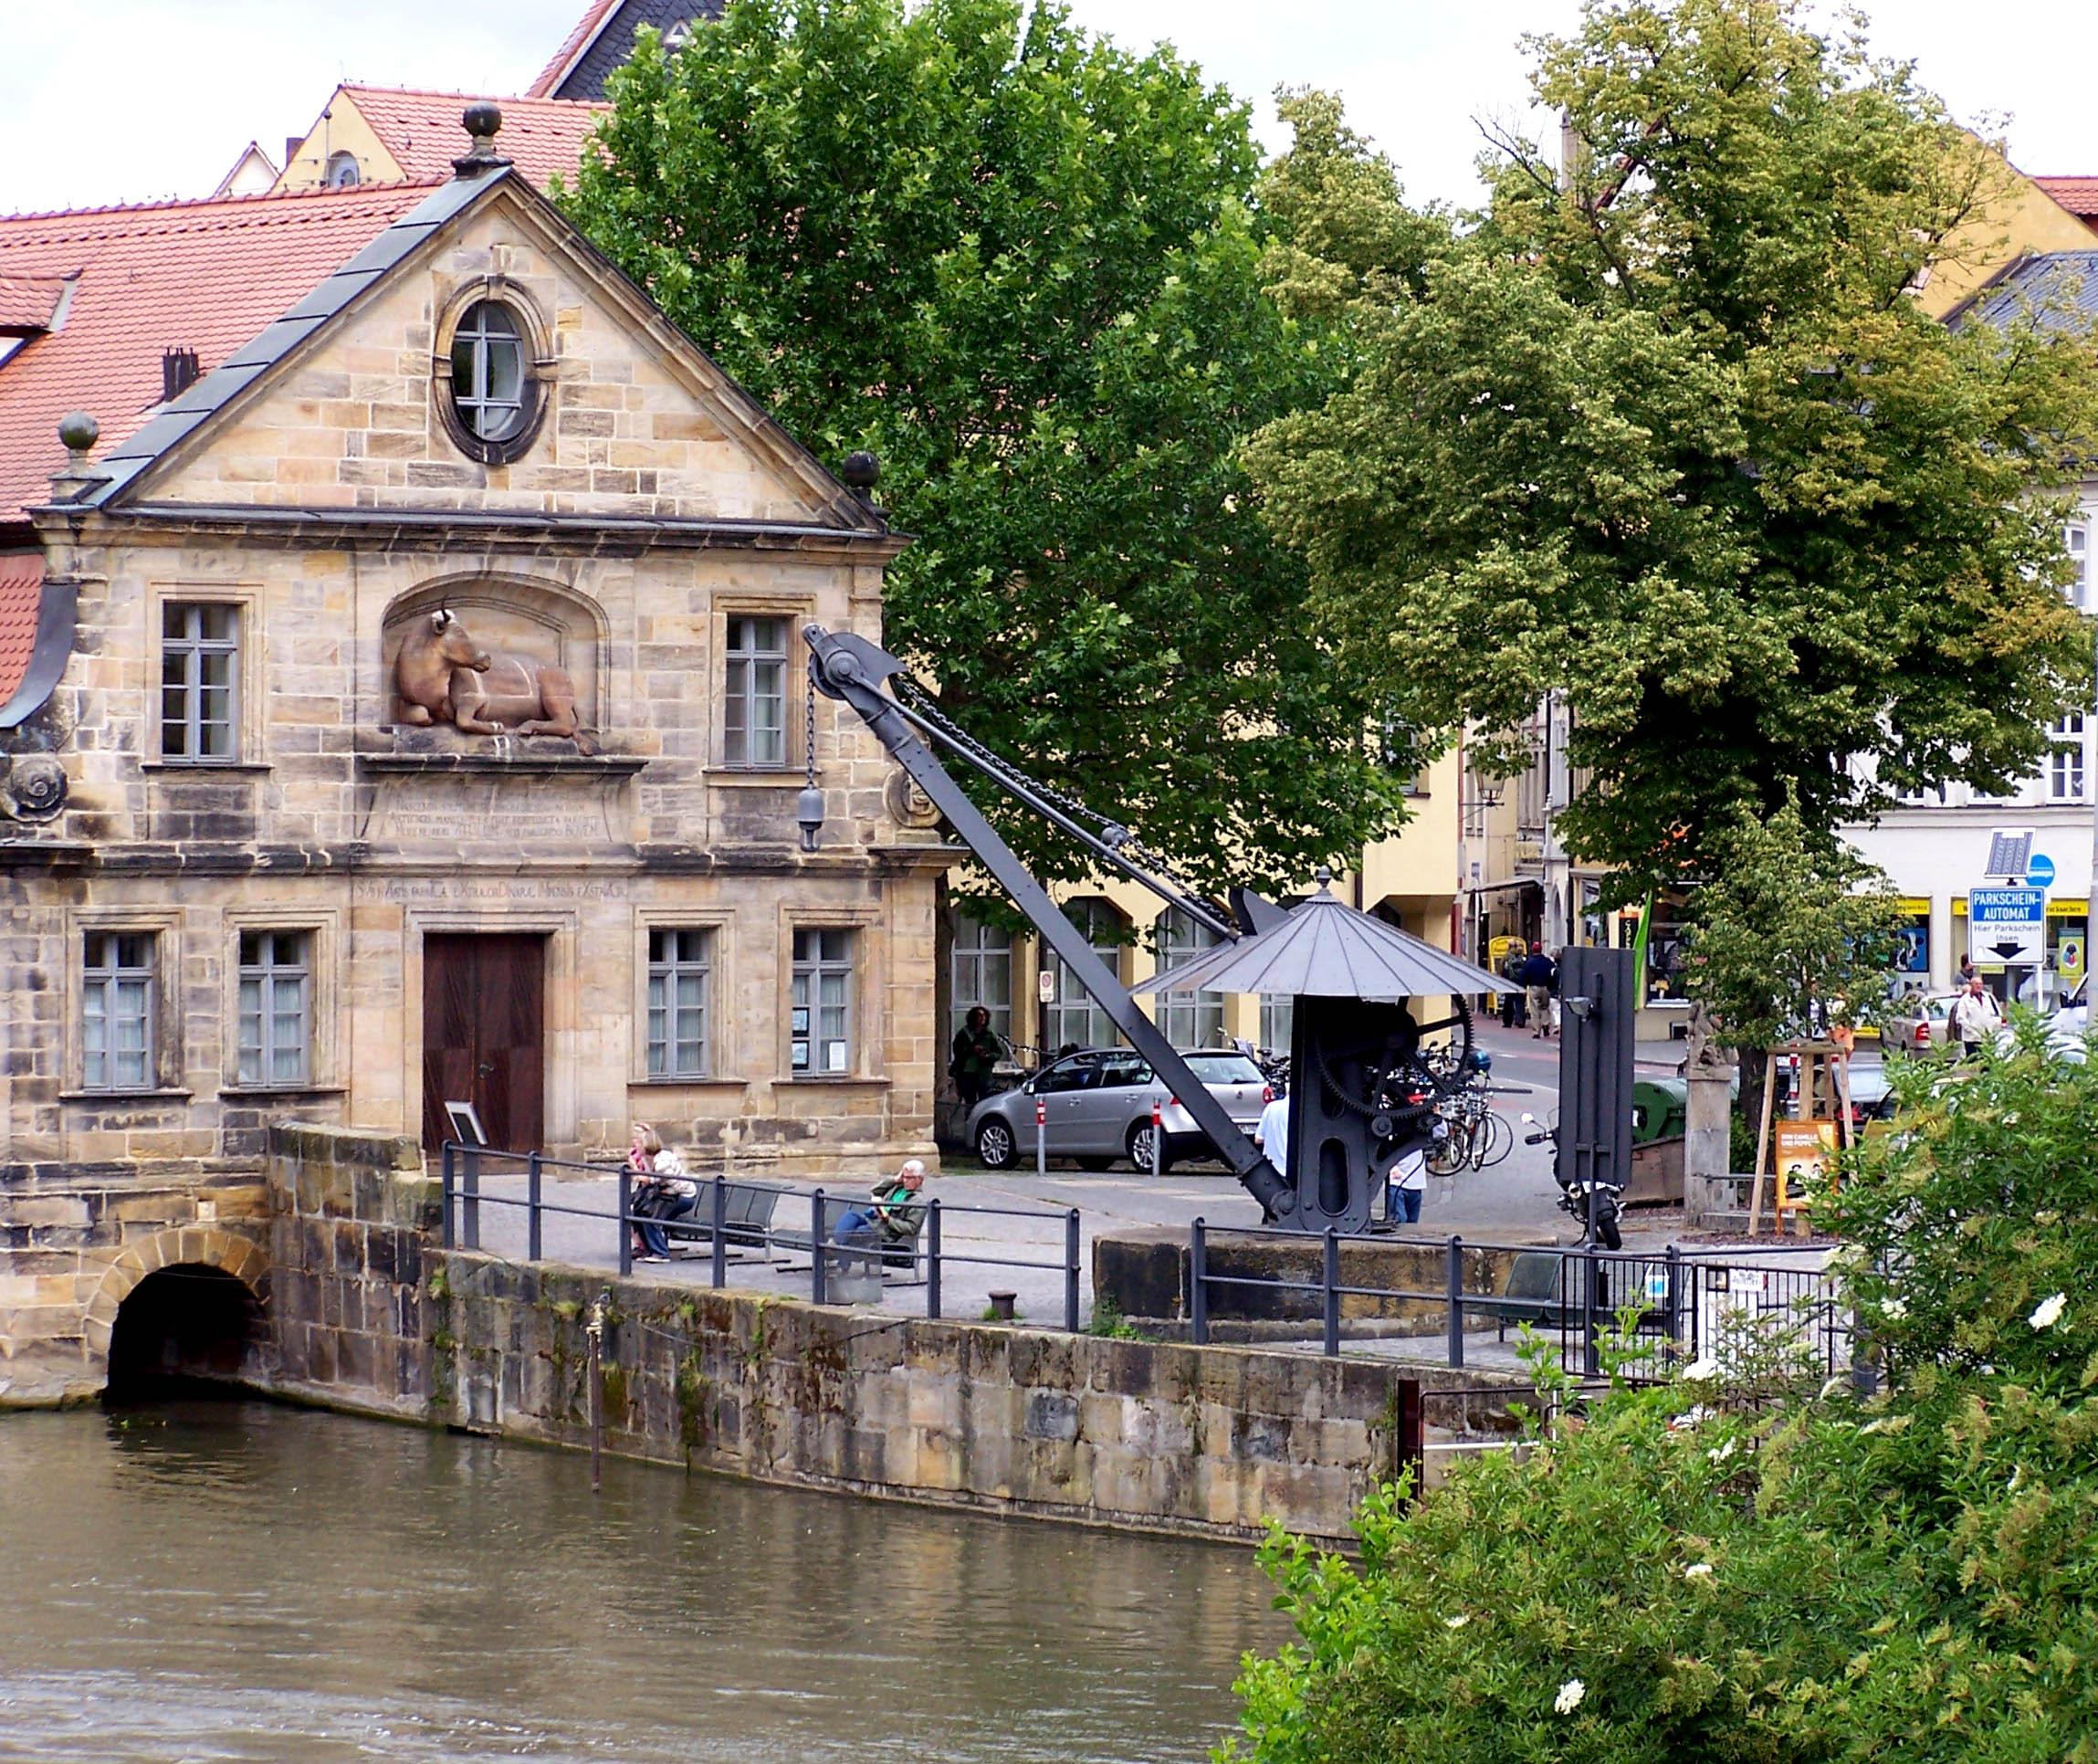 Badausstellung Bamberg die spezielle bamberg kennenlern tour für studenten bamberg für einsteiger